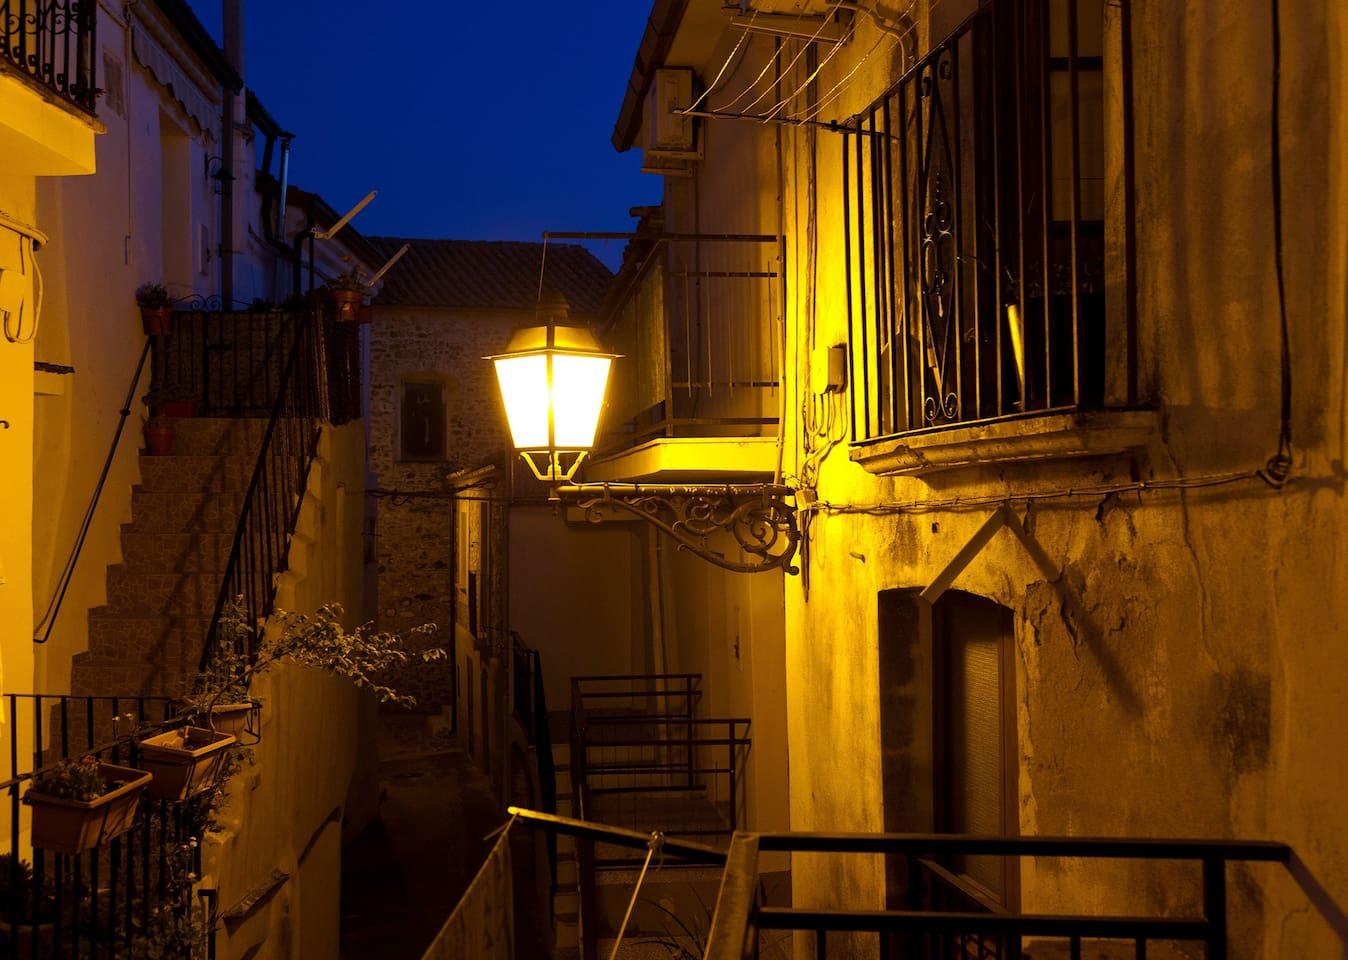 Sul balcone la sera, il silenzio e la luce gialla dei lampioni raccontano le  storie di un passato che c'è ancora e che abita qui.  (© StudioF64)